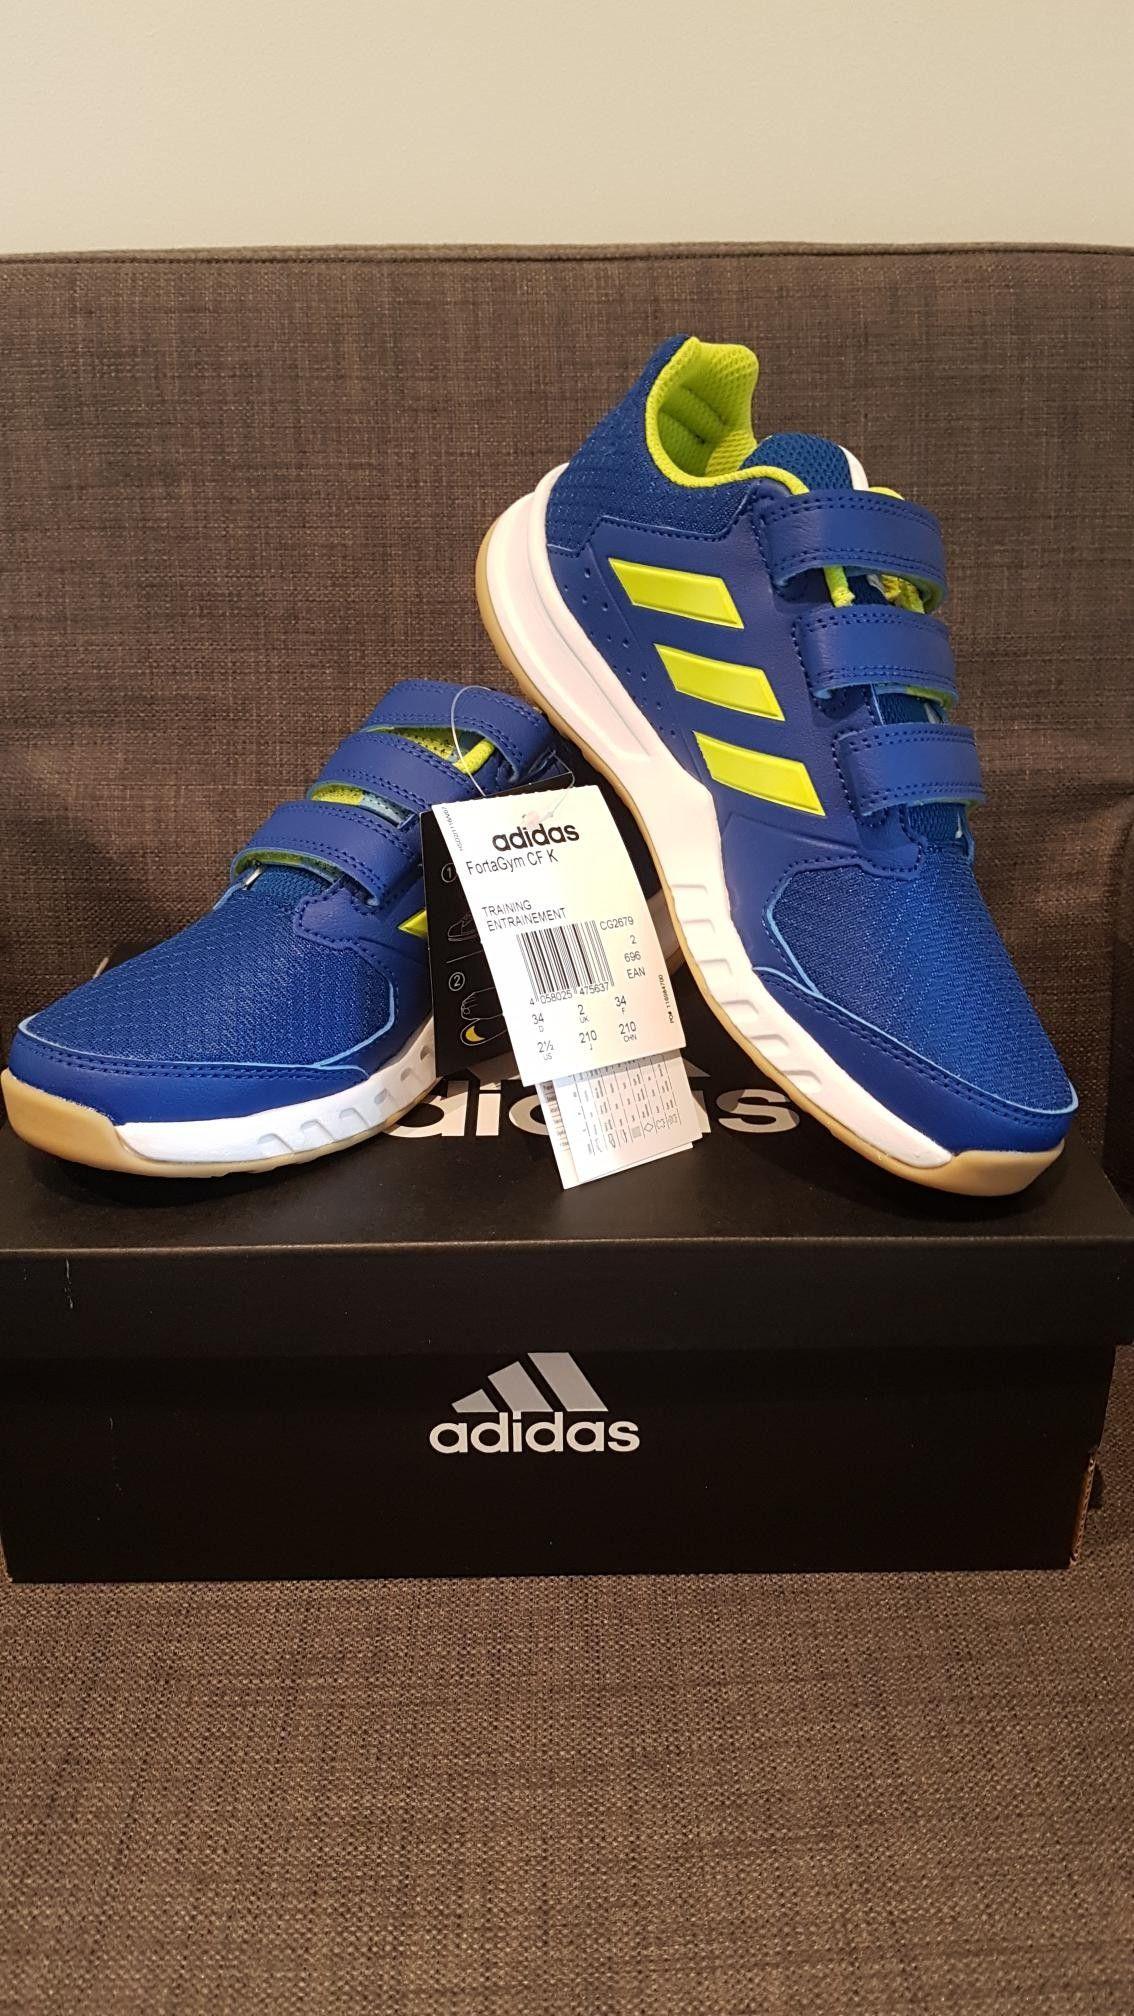 Brukt Nye Adidas Sko til salgs i Ytre Enebakk letgo